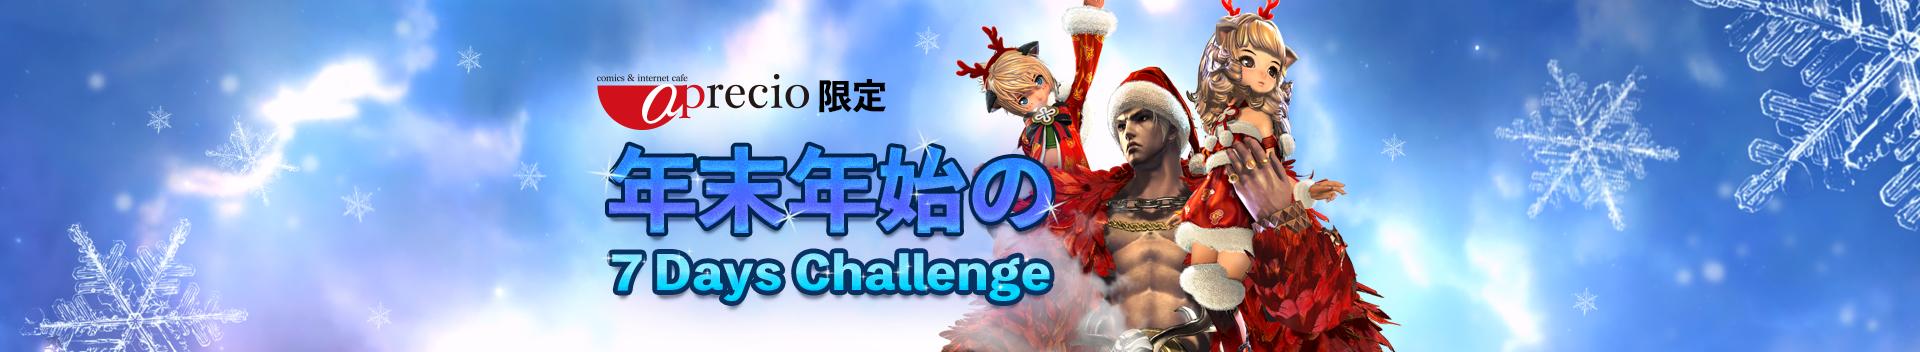 アプレシオ限定 年末年始の7Days Challenge!